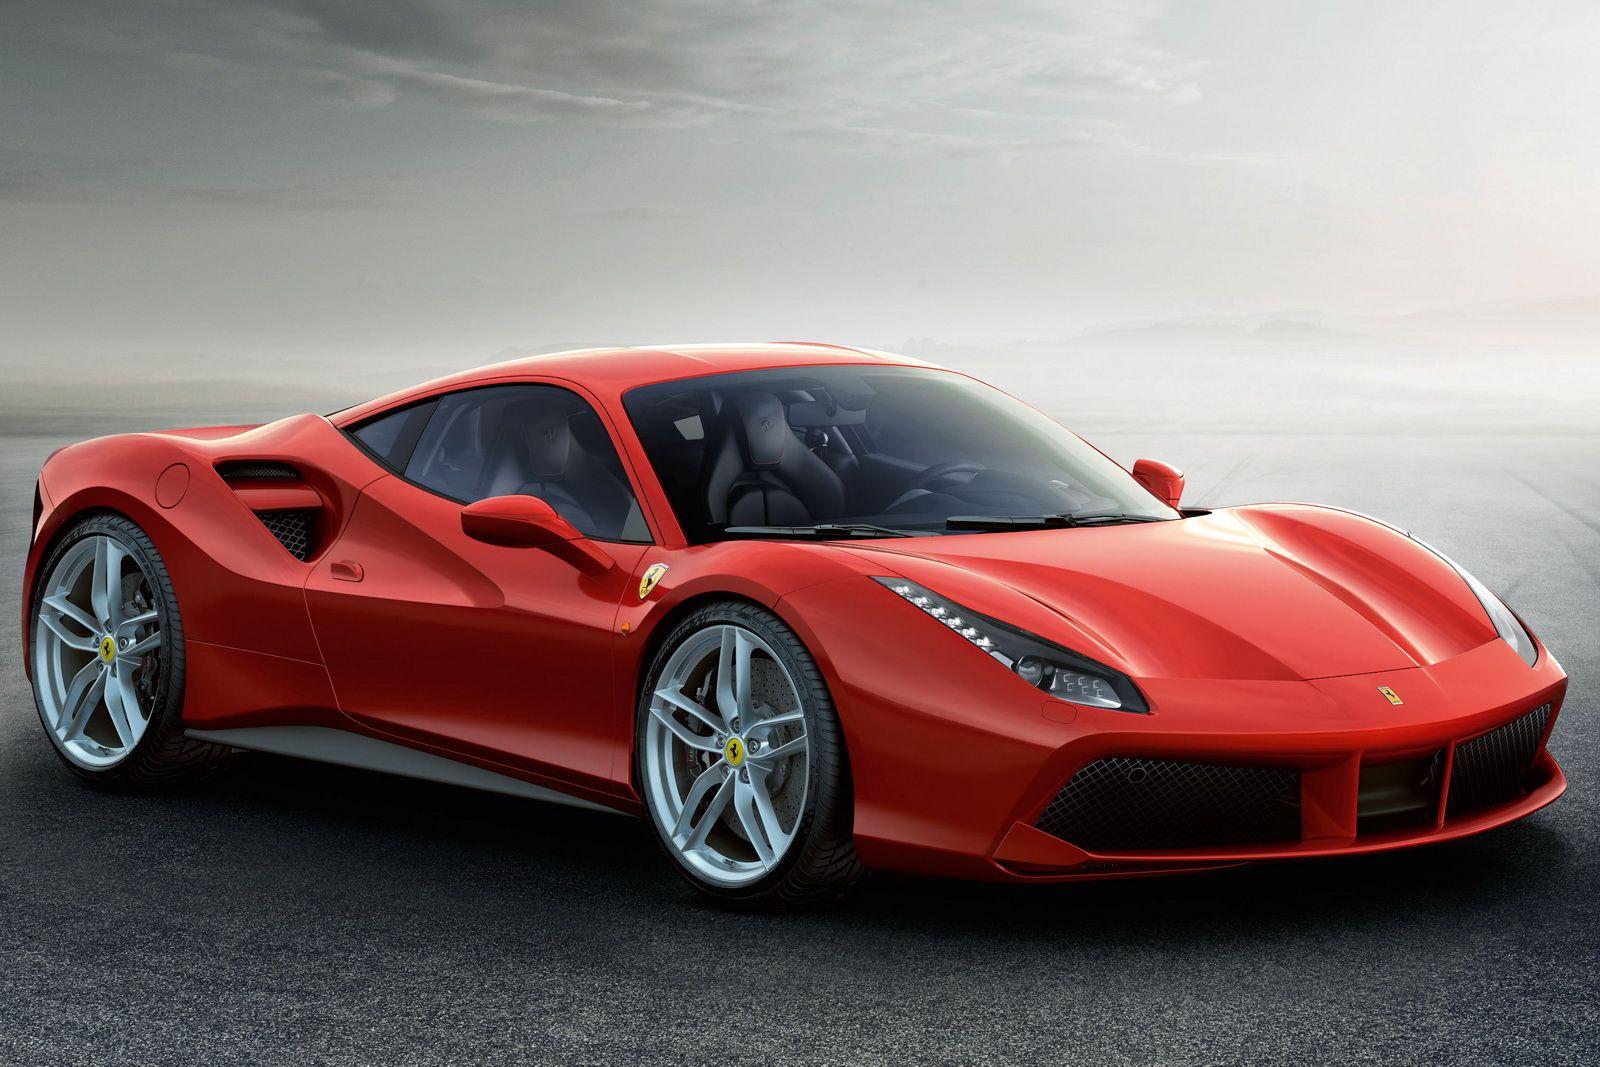 L'erede della 458 Italia sarà sotto i riflettori della rassegna elvetica il prossimo marzo. Monta un nuovo V8 biturbo da 670 cavalli.